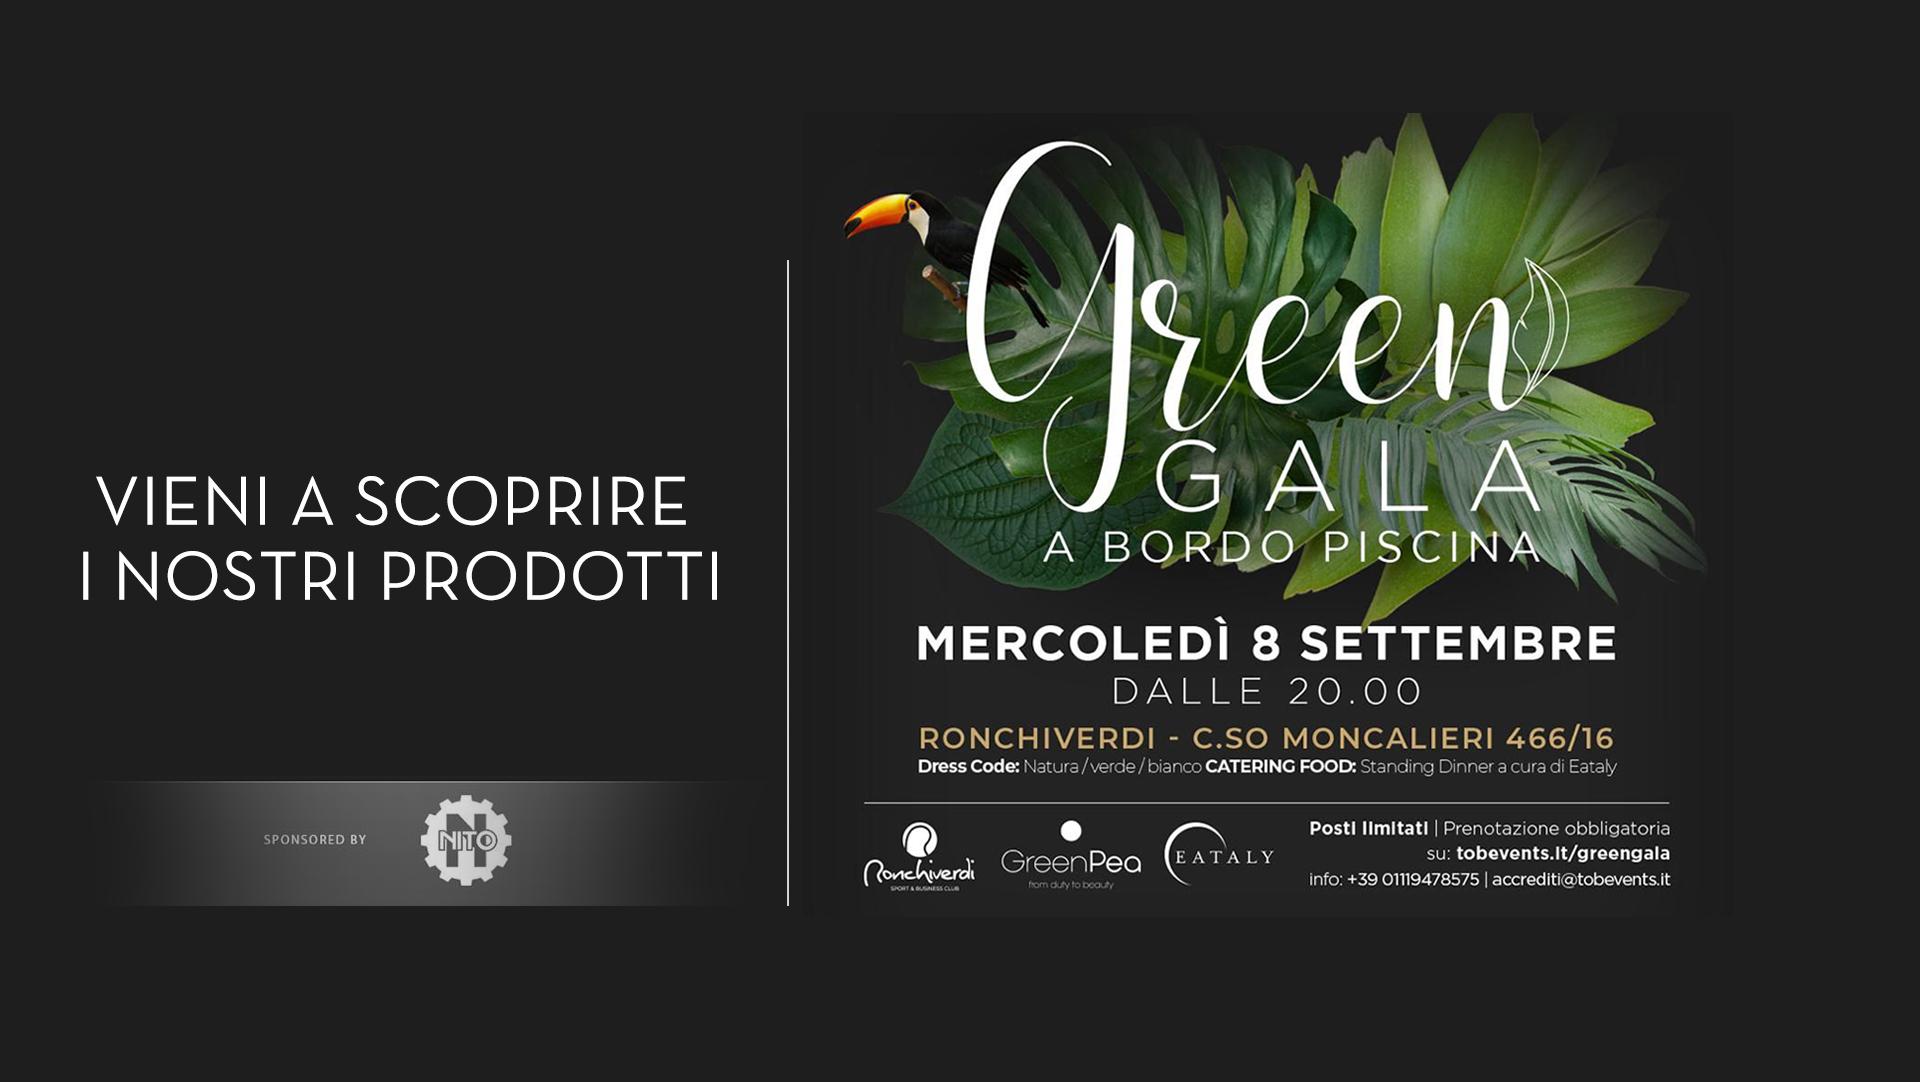 rochiverdi+lettering e sponsor 4 (002)